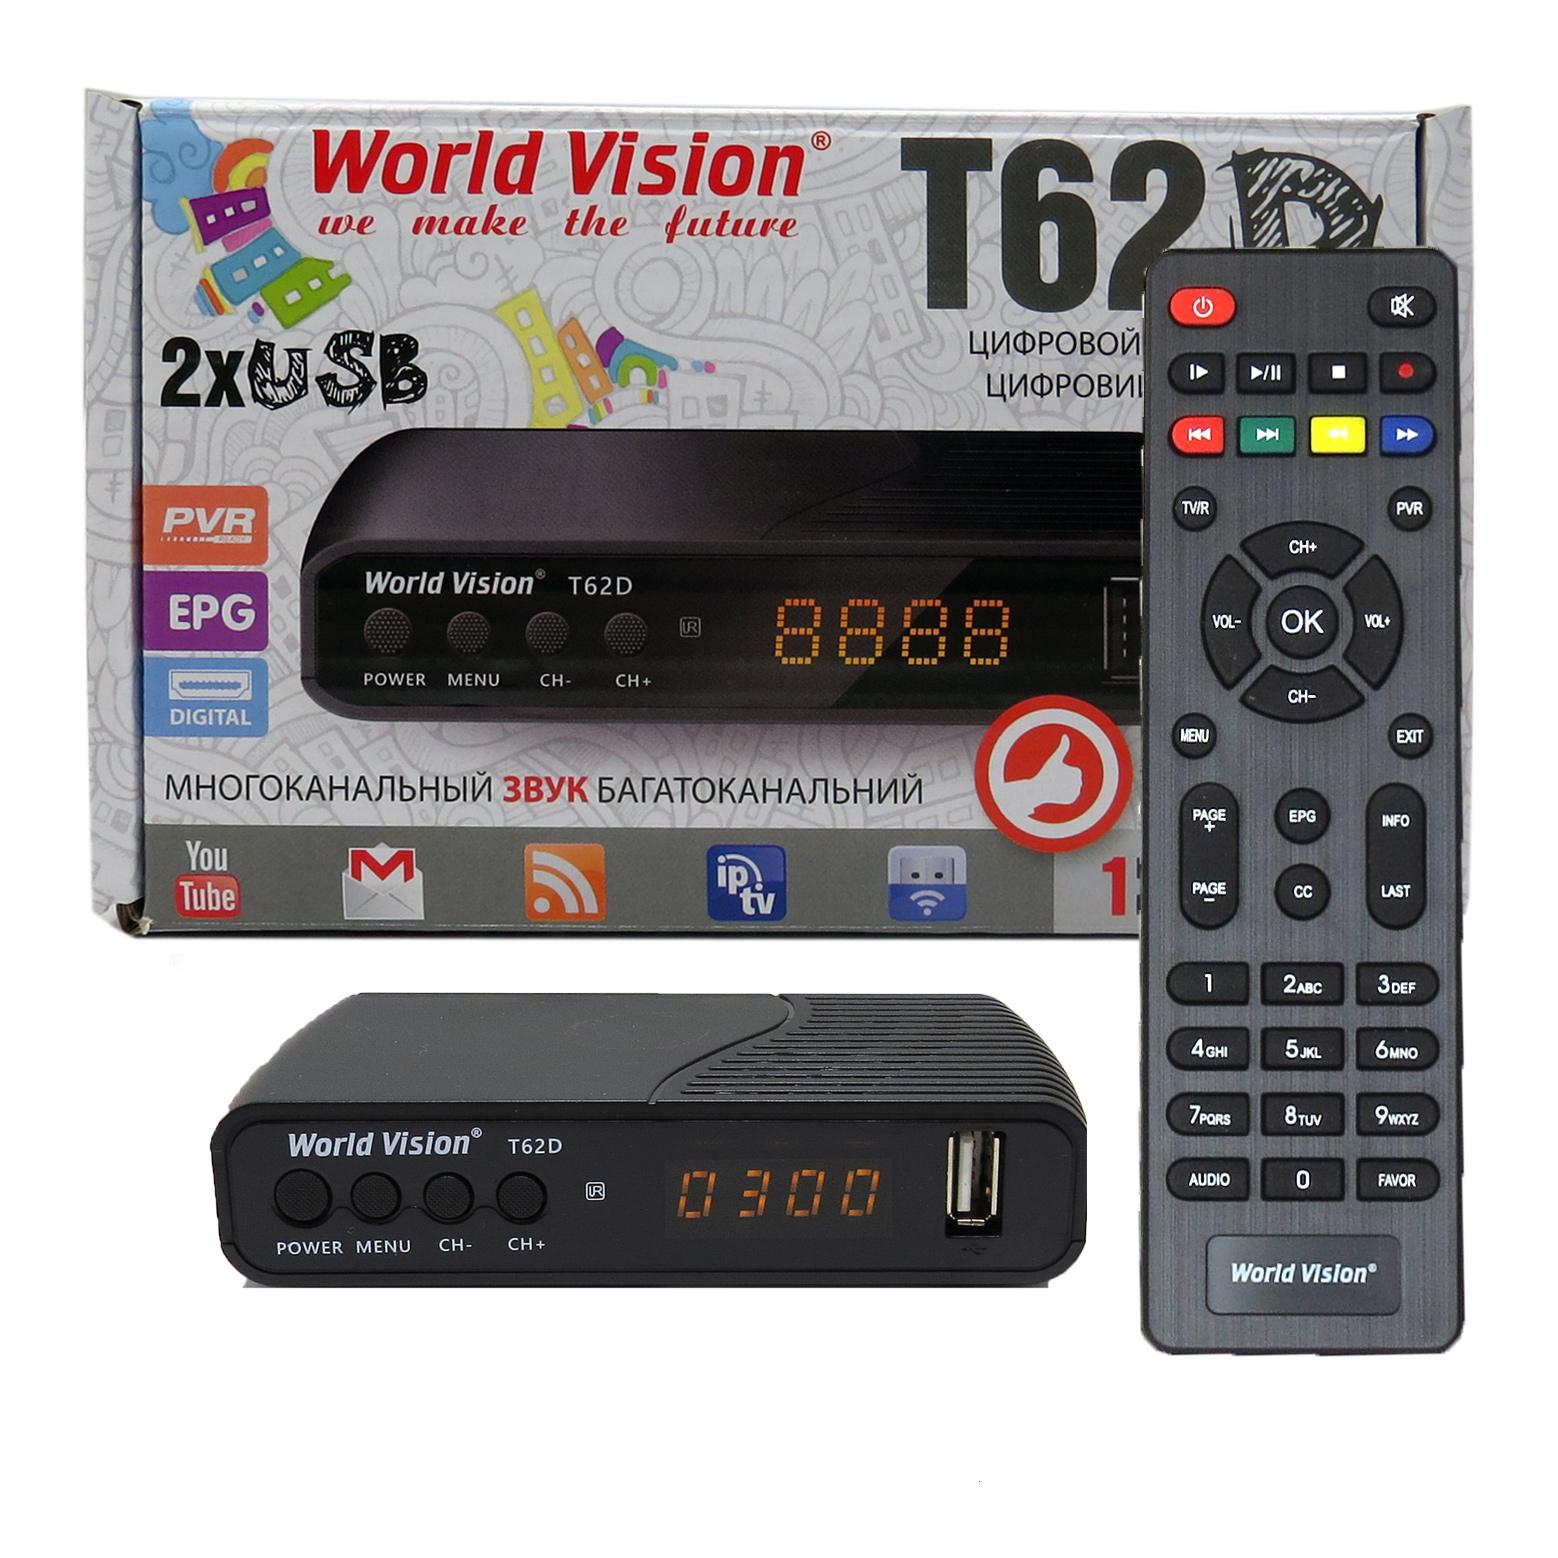 Прошивка world vision t34i скачать бесплатно